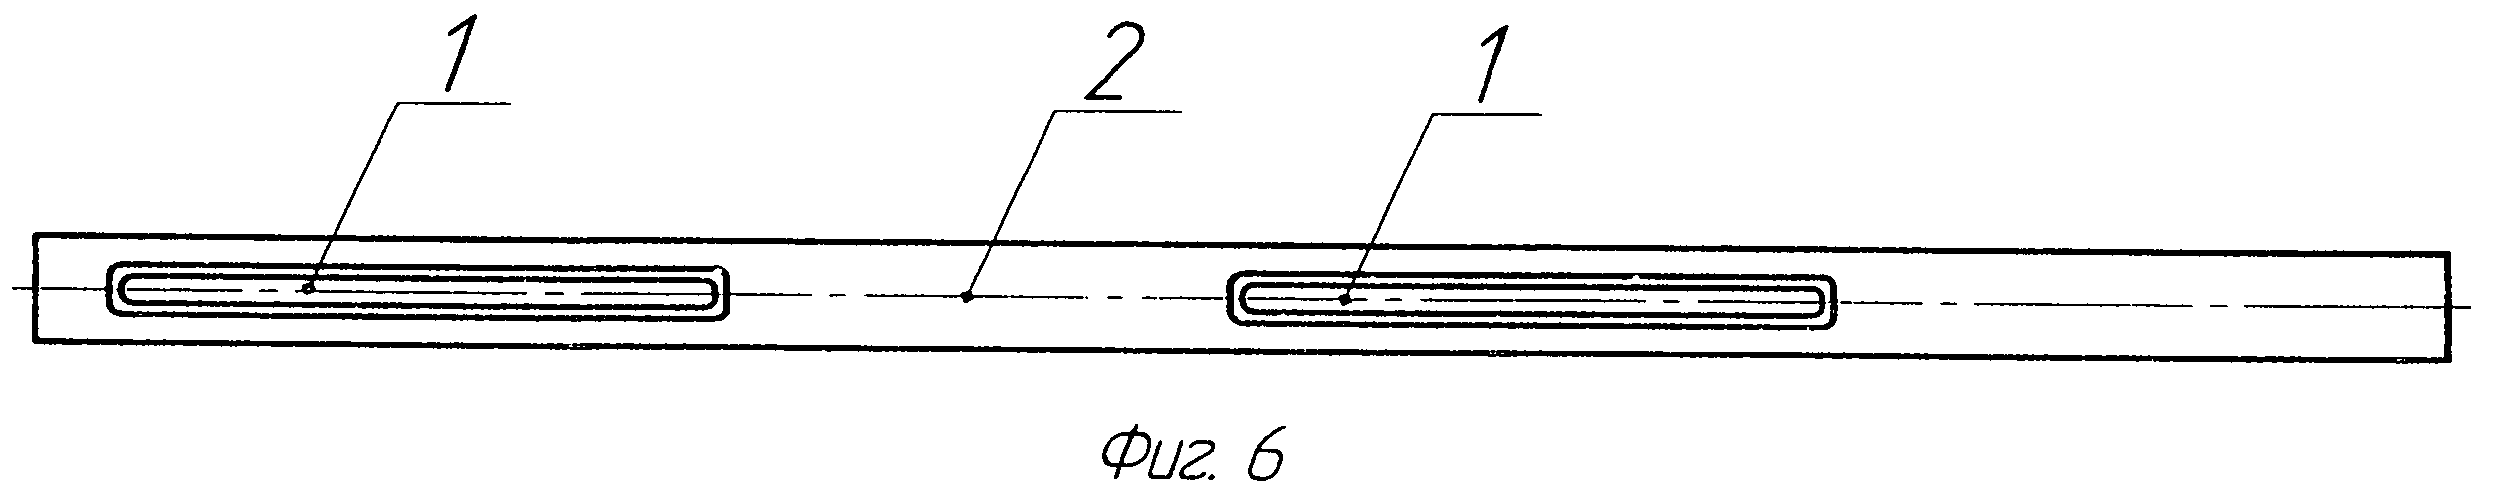 Способ изготовления распределительного коллектора из термопластичных комплектующих и материалов для установки элементов формирования струйных потоков со струеформирующими панелями